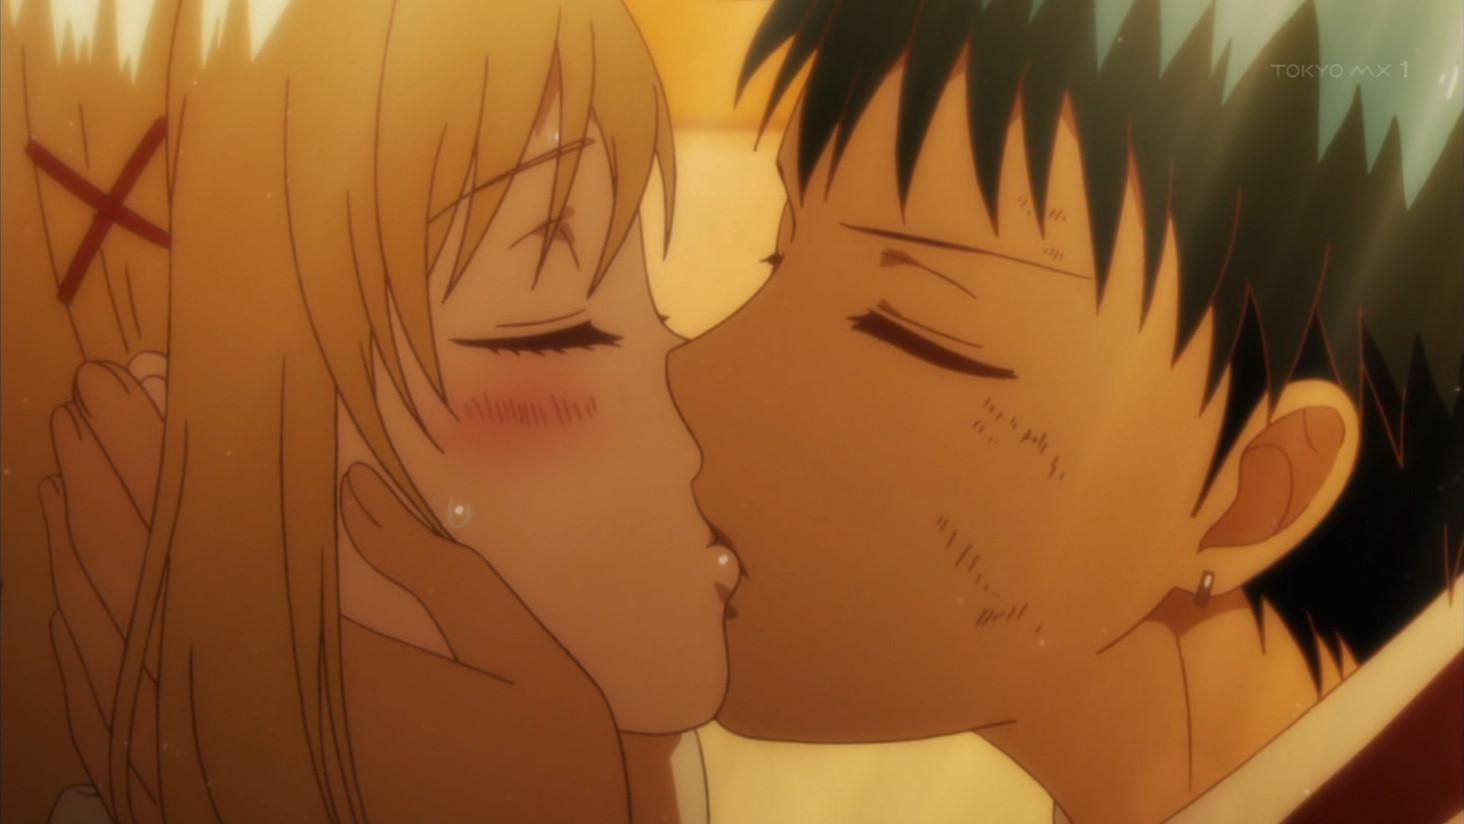 ちゅー #yamajo_anime #やまじょ #tokyomx http://t.co/zn2CY0zfV2